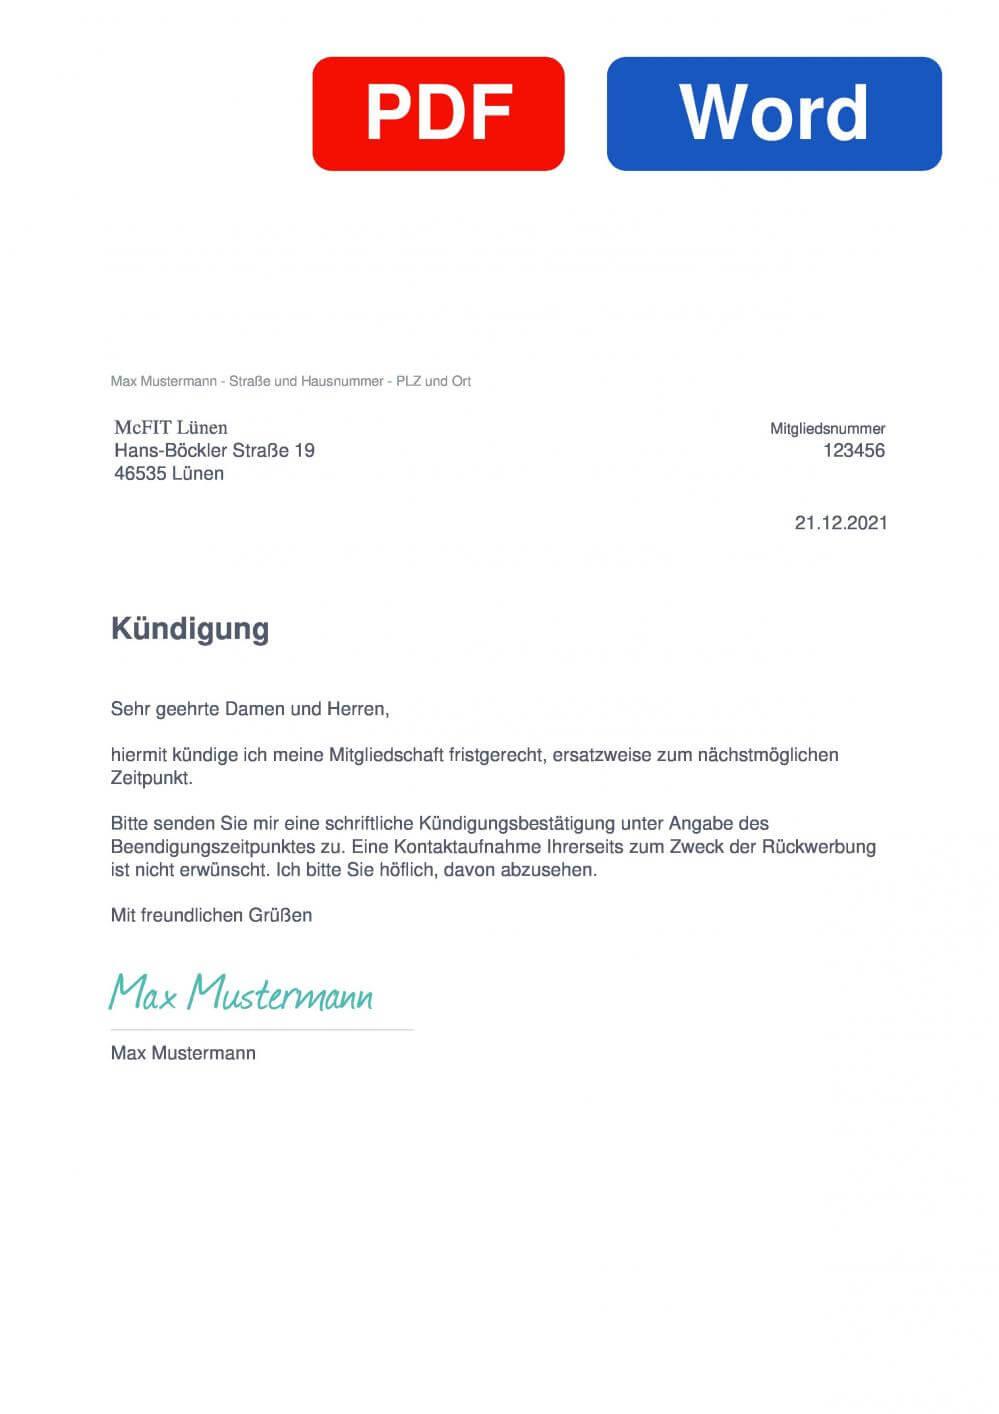 McFIT Lünen Muster Vorlage für Kündigungsschreiben